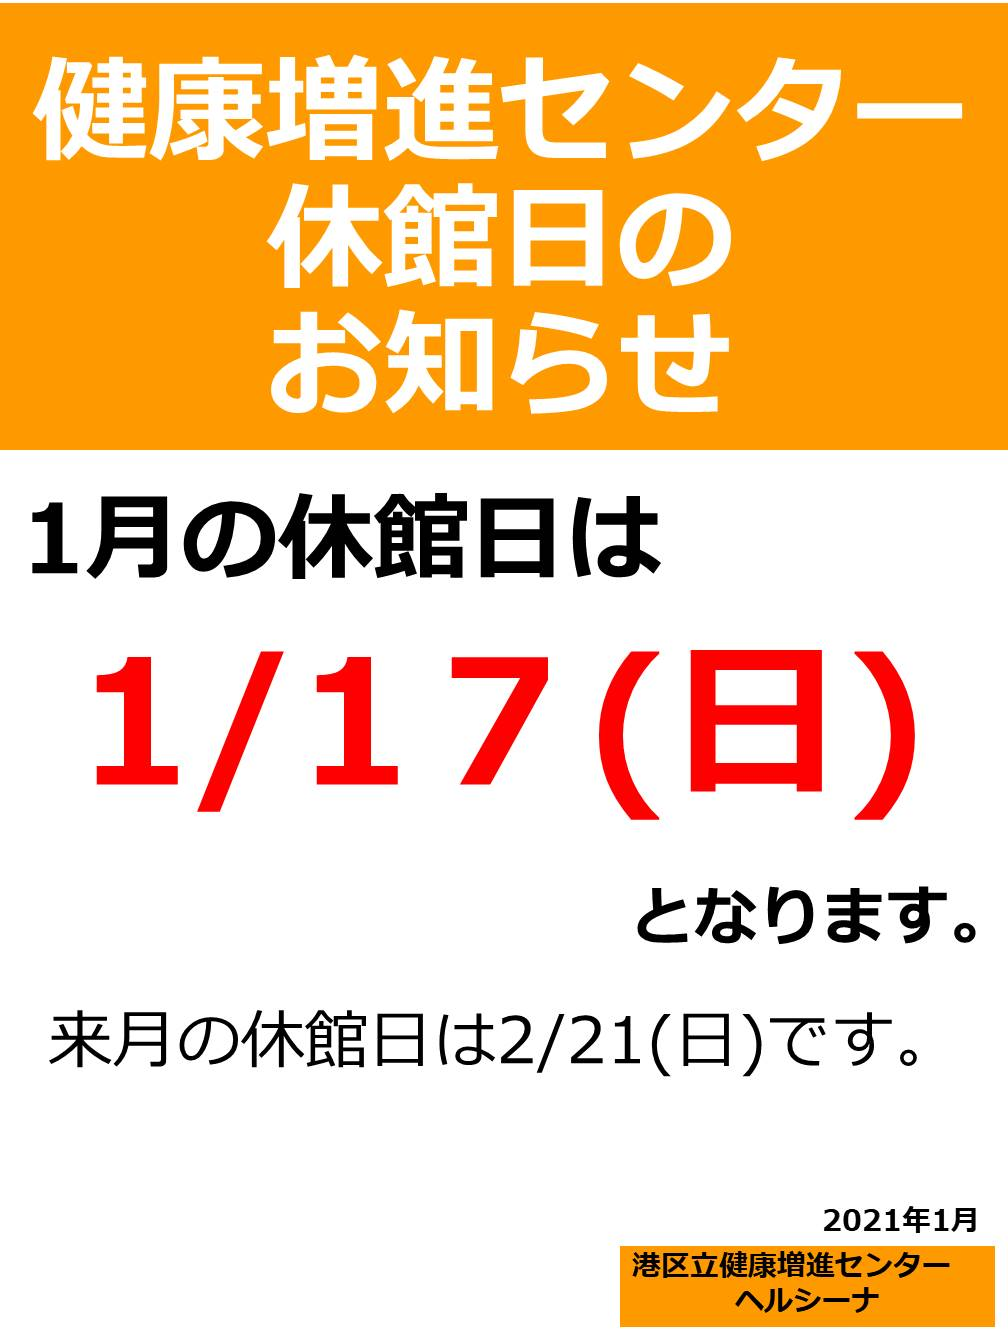 (掲示)(施設)休館日のおしらせ202101.jpg